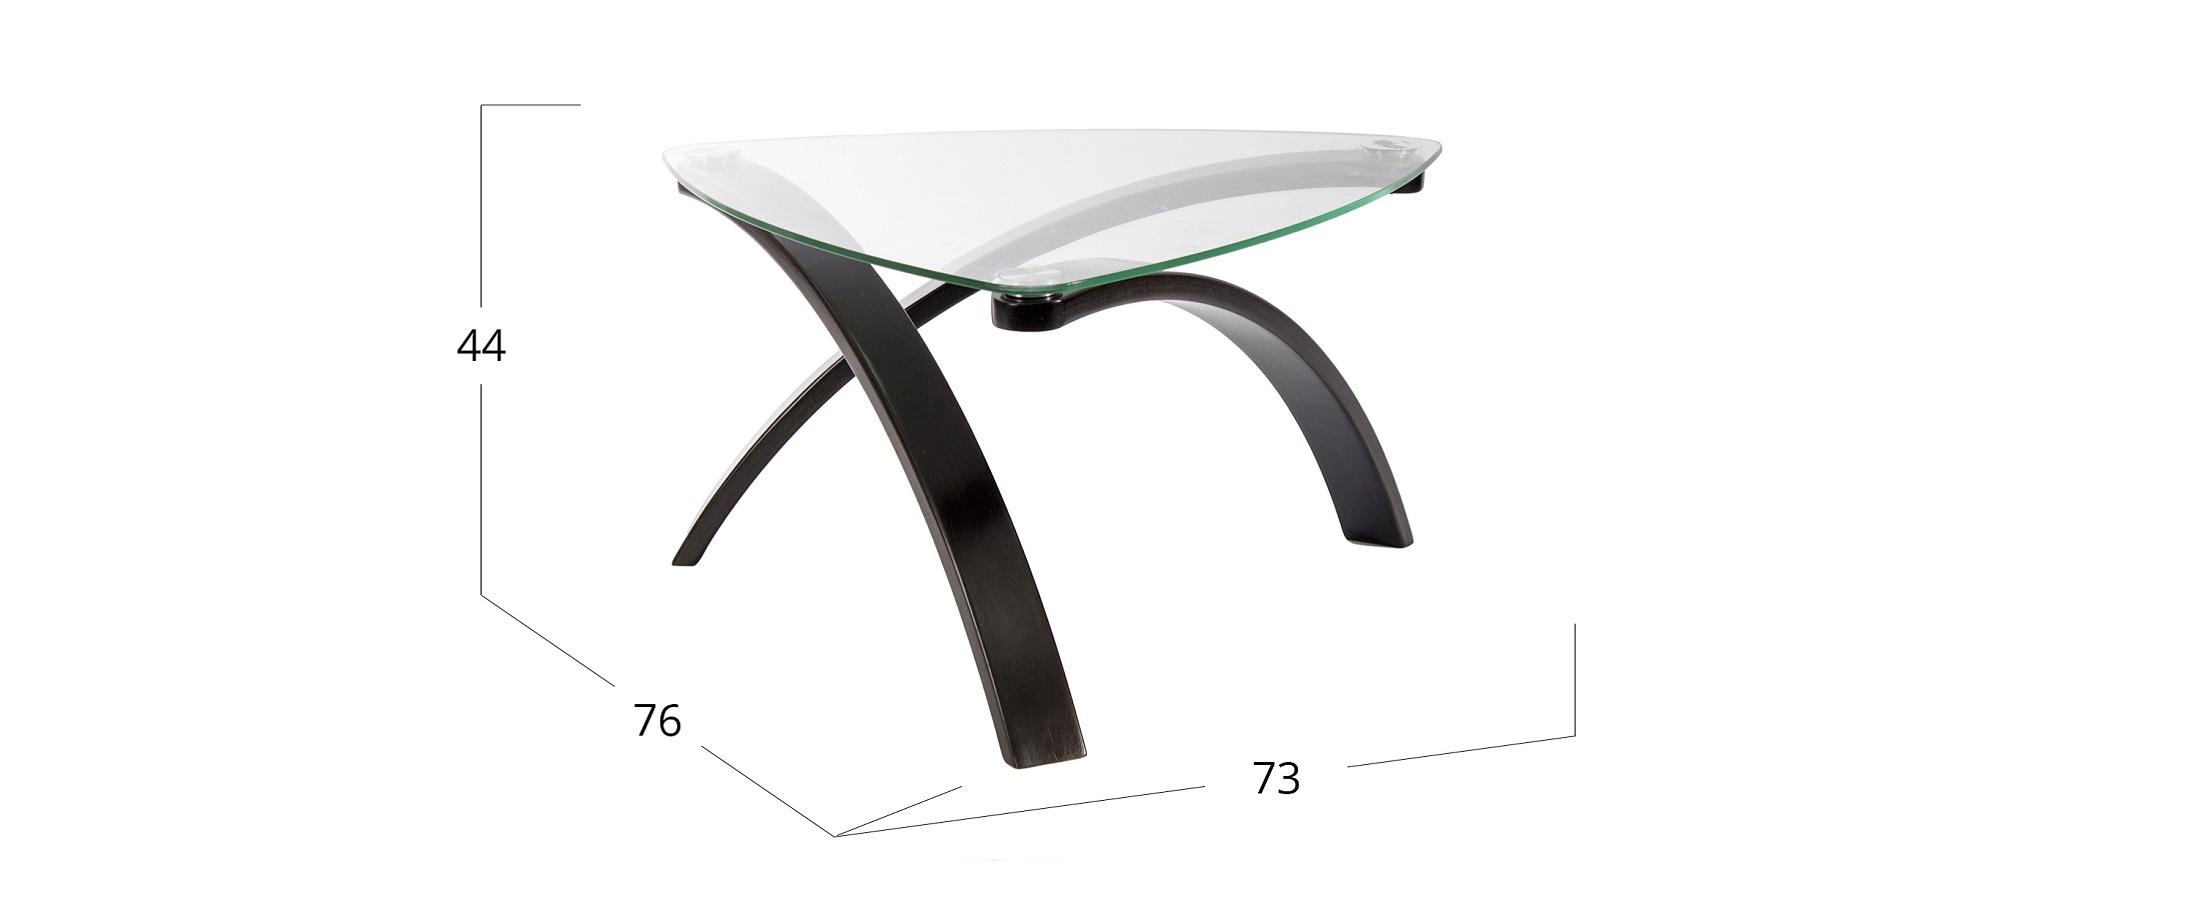 Журнальный стол Гурон 3 Модель 579Основание- это гибкий гнутоклееный шпон, не уступающий по свойствам массиву дерева- одного из самых экологически чистых материалов,